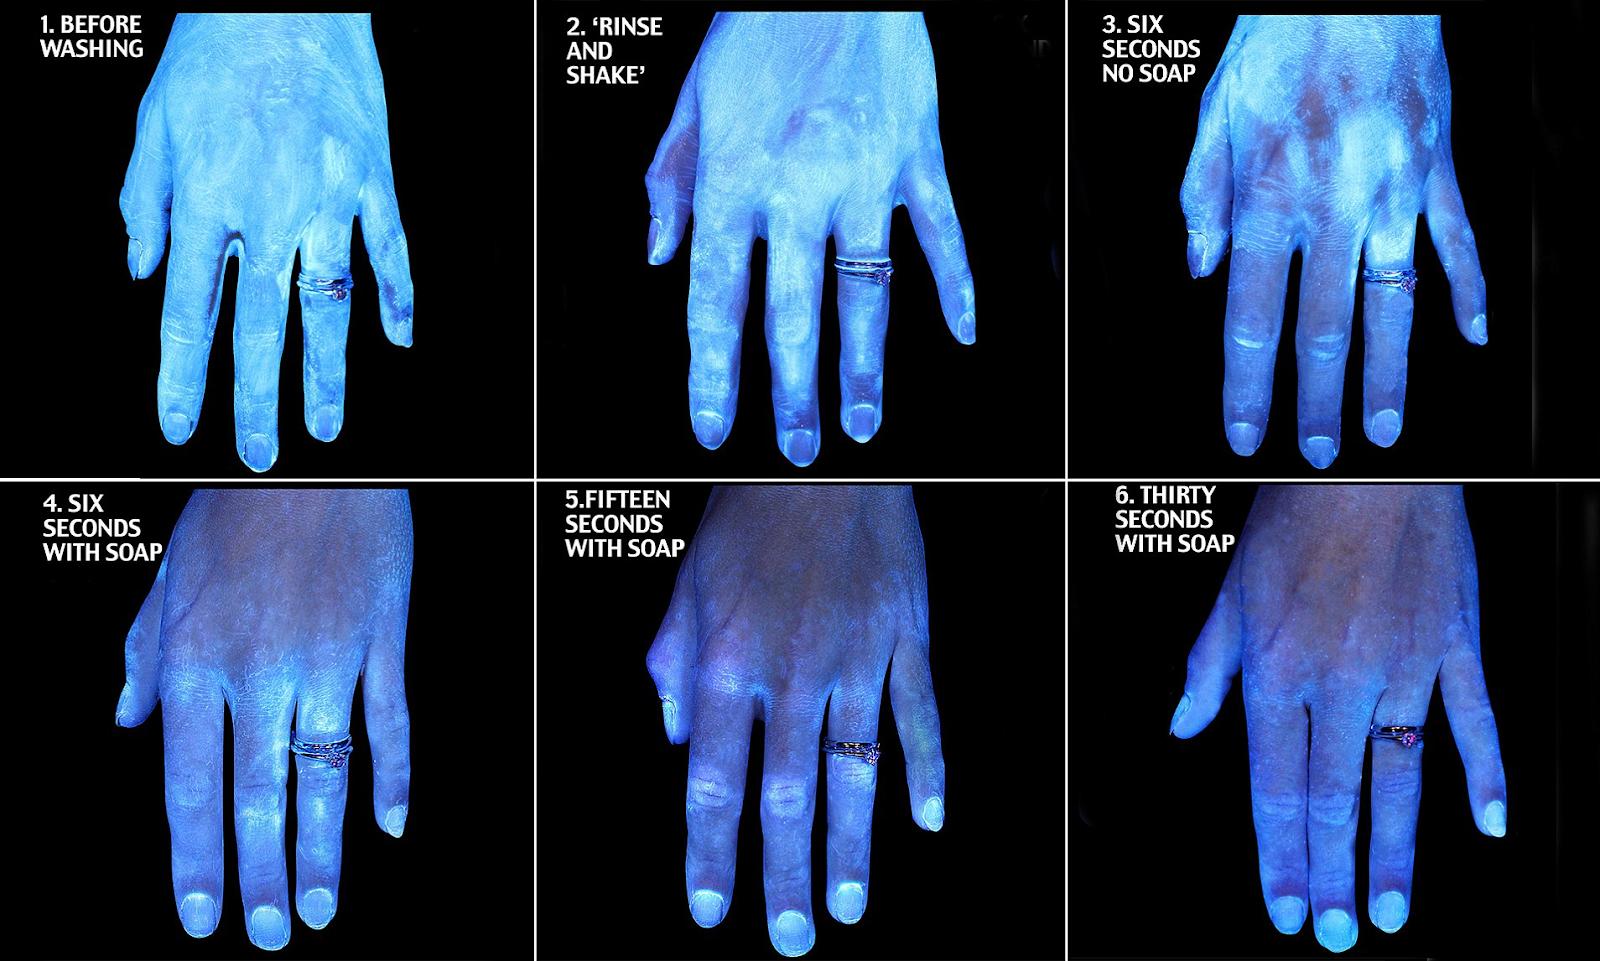 6 hands under UV light